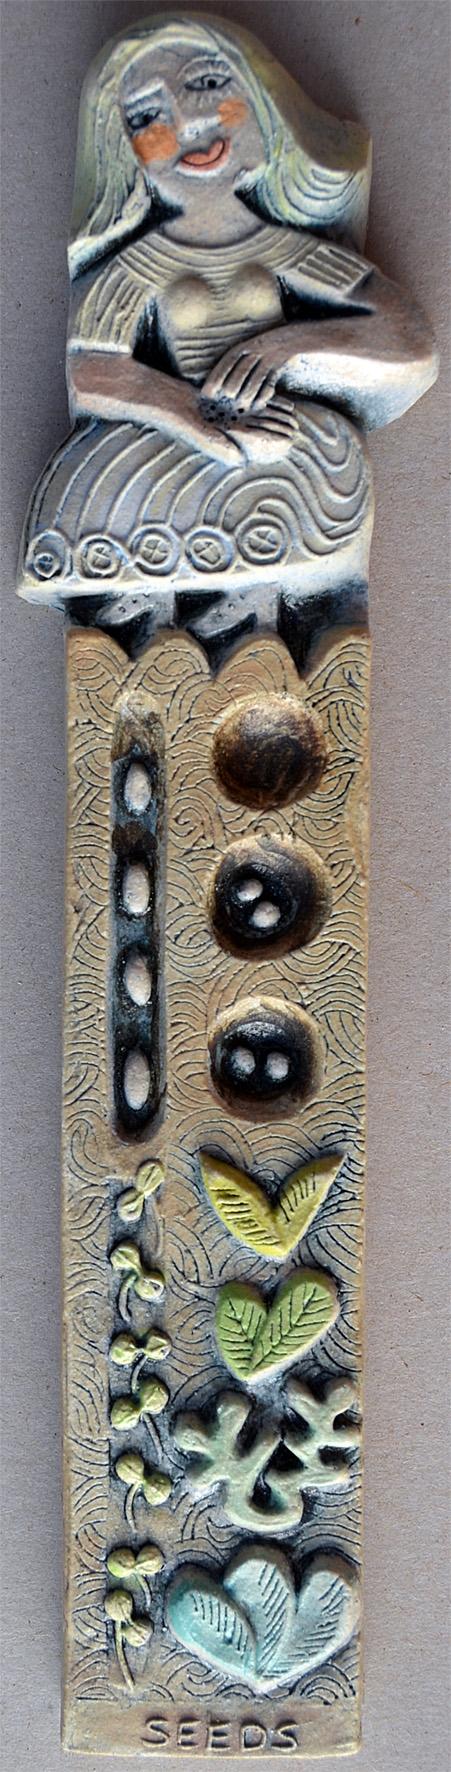 Seeds ceramic 4 x 22 cm £60